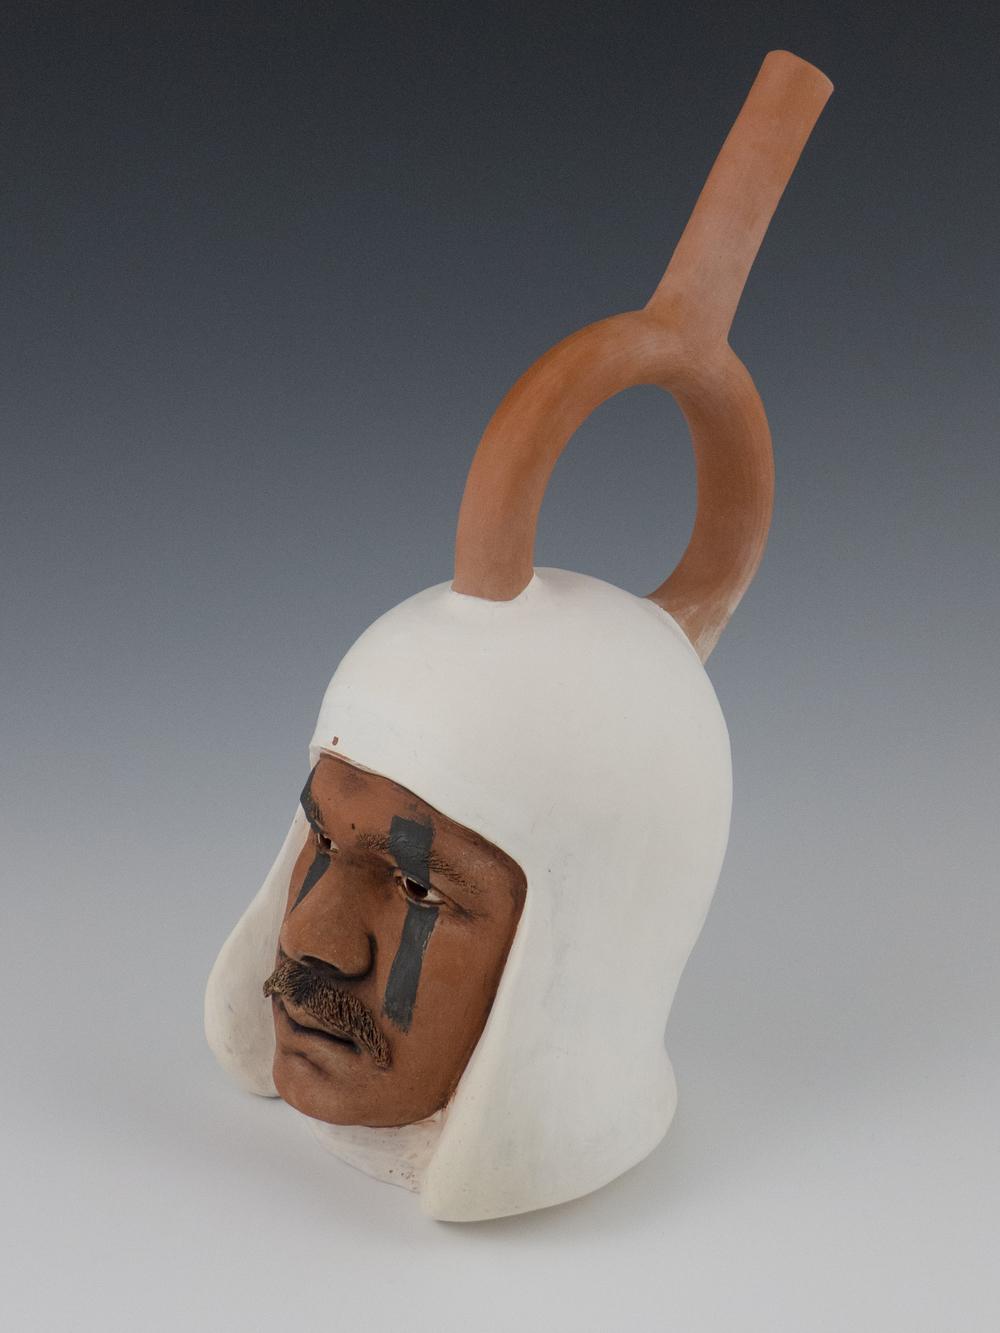 Moche Head I/Cabeza Moche I